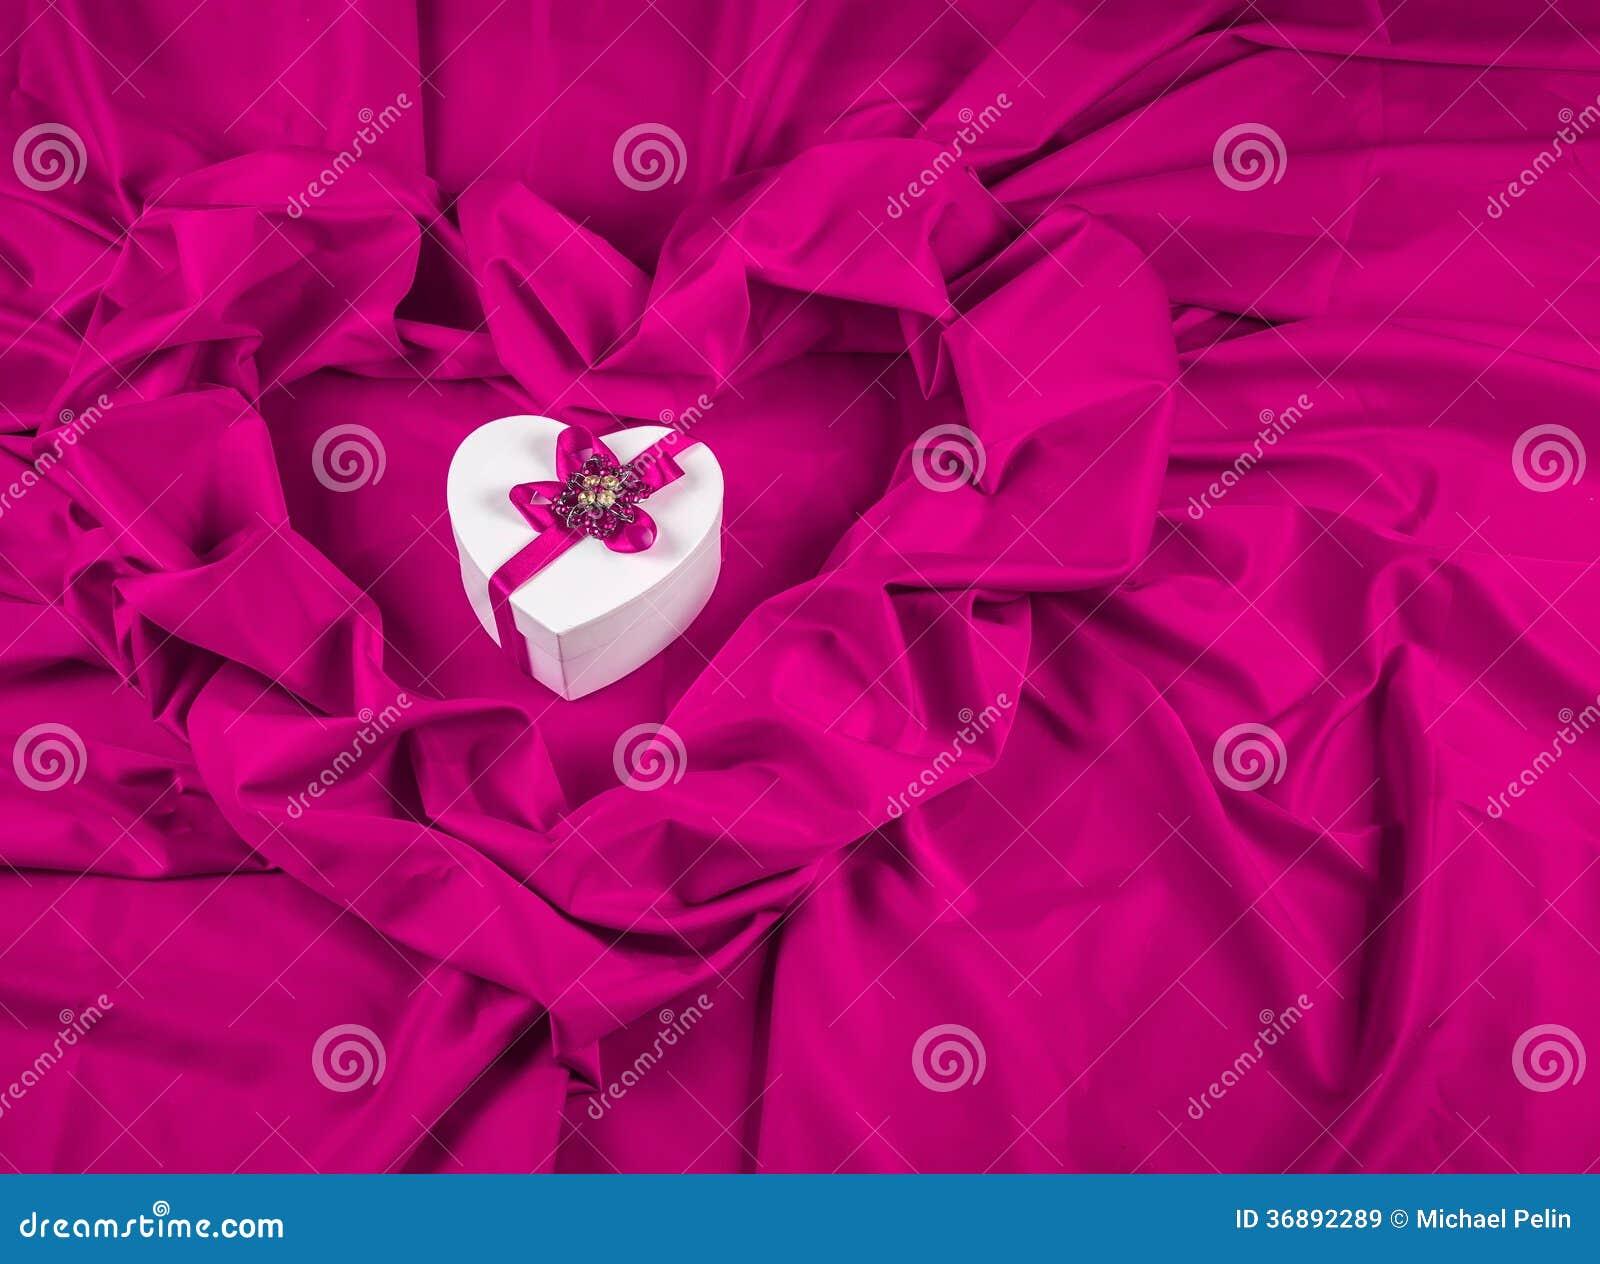 Download Ami La Carta Con Cuore Su Un Tessuto Porpora Immagine Stock - Immagine di nastro, compleanno: 36892289